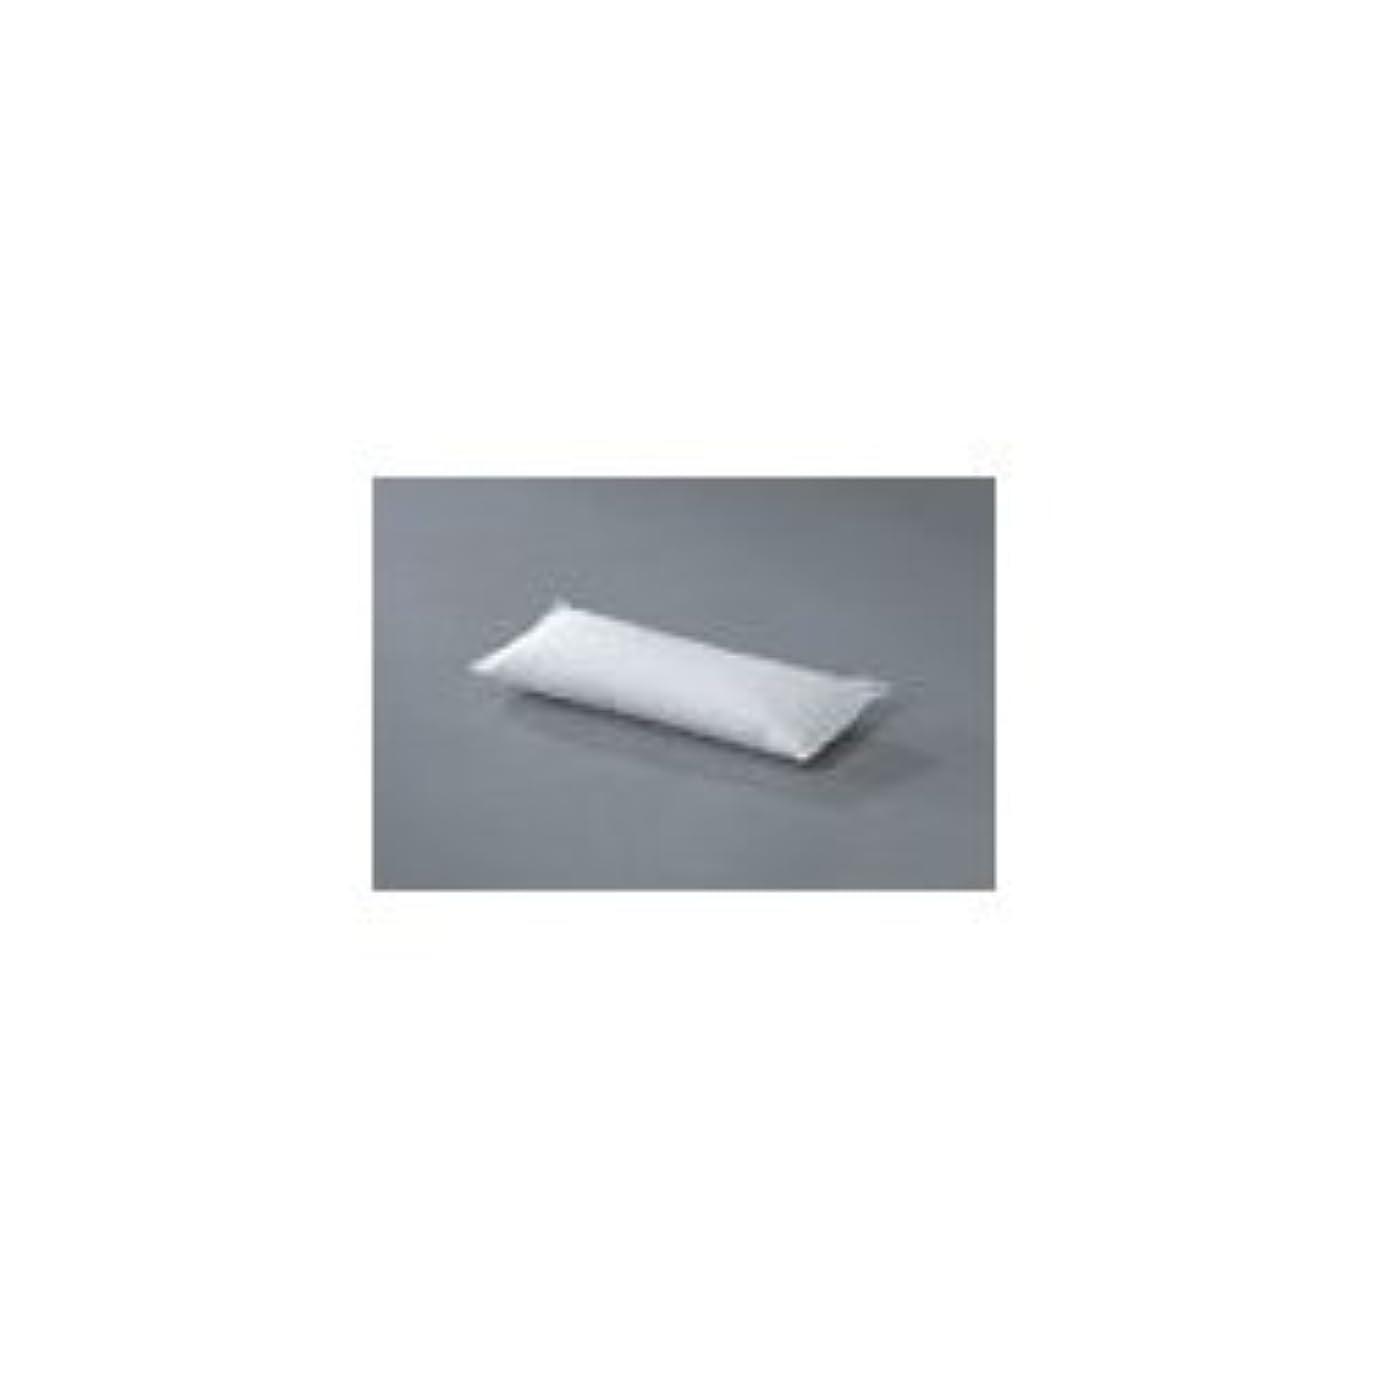 測るグラマー軽蔑するジャノメ 24時間風呂 クリーンバスユニット専用電解促進剤 CLパック 7袋 (クリーンパック)